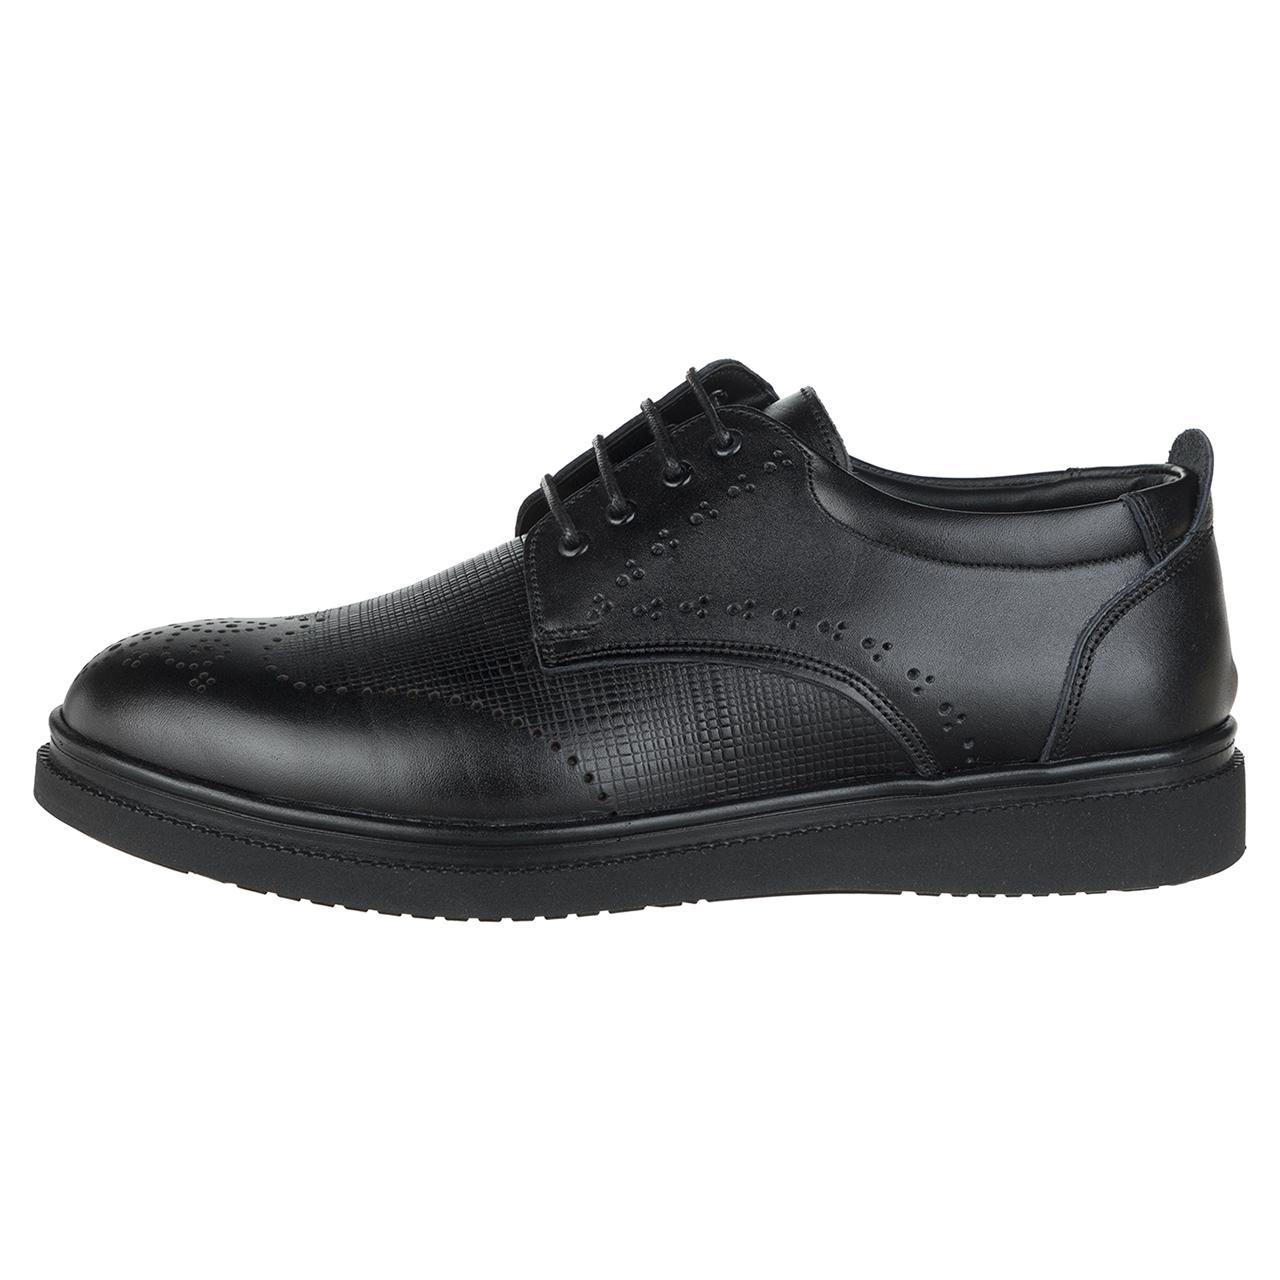 کفش مردانه چرم طبیعی مدل شنل کد78